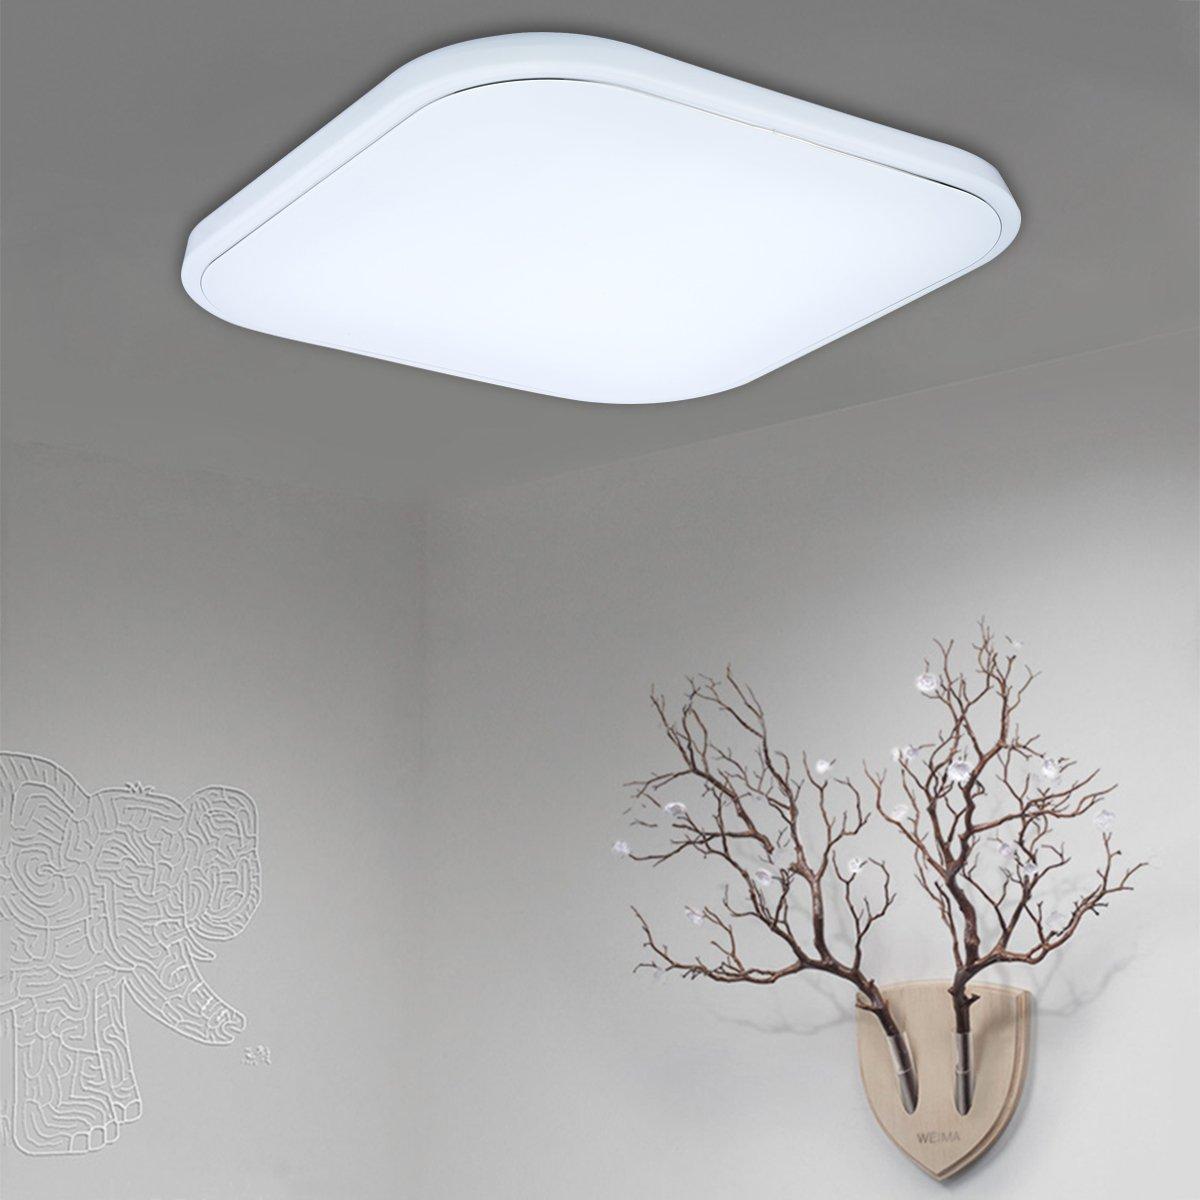 Floureon CL-X125 36W 144 LEDs Quadrat LED Deckenleuchte ...